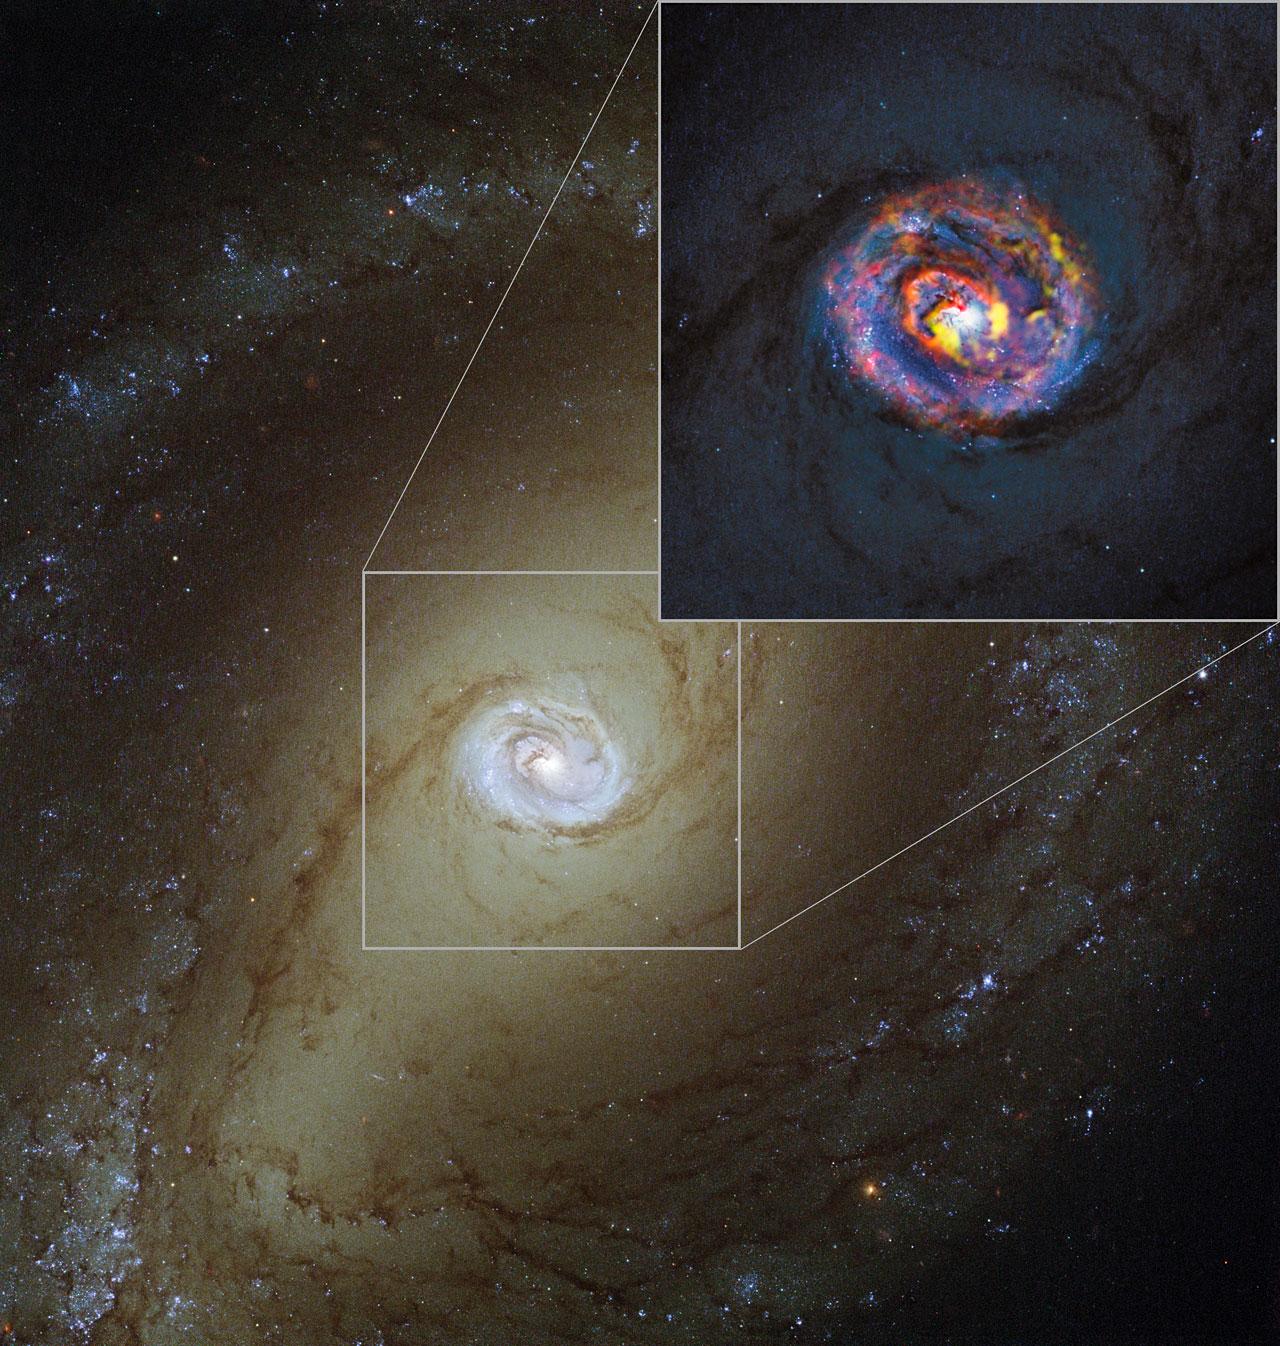 ハッブル宇宙望遠鏡で撮影されたNGC1433と、その中心部のクローズアップ